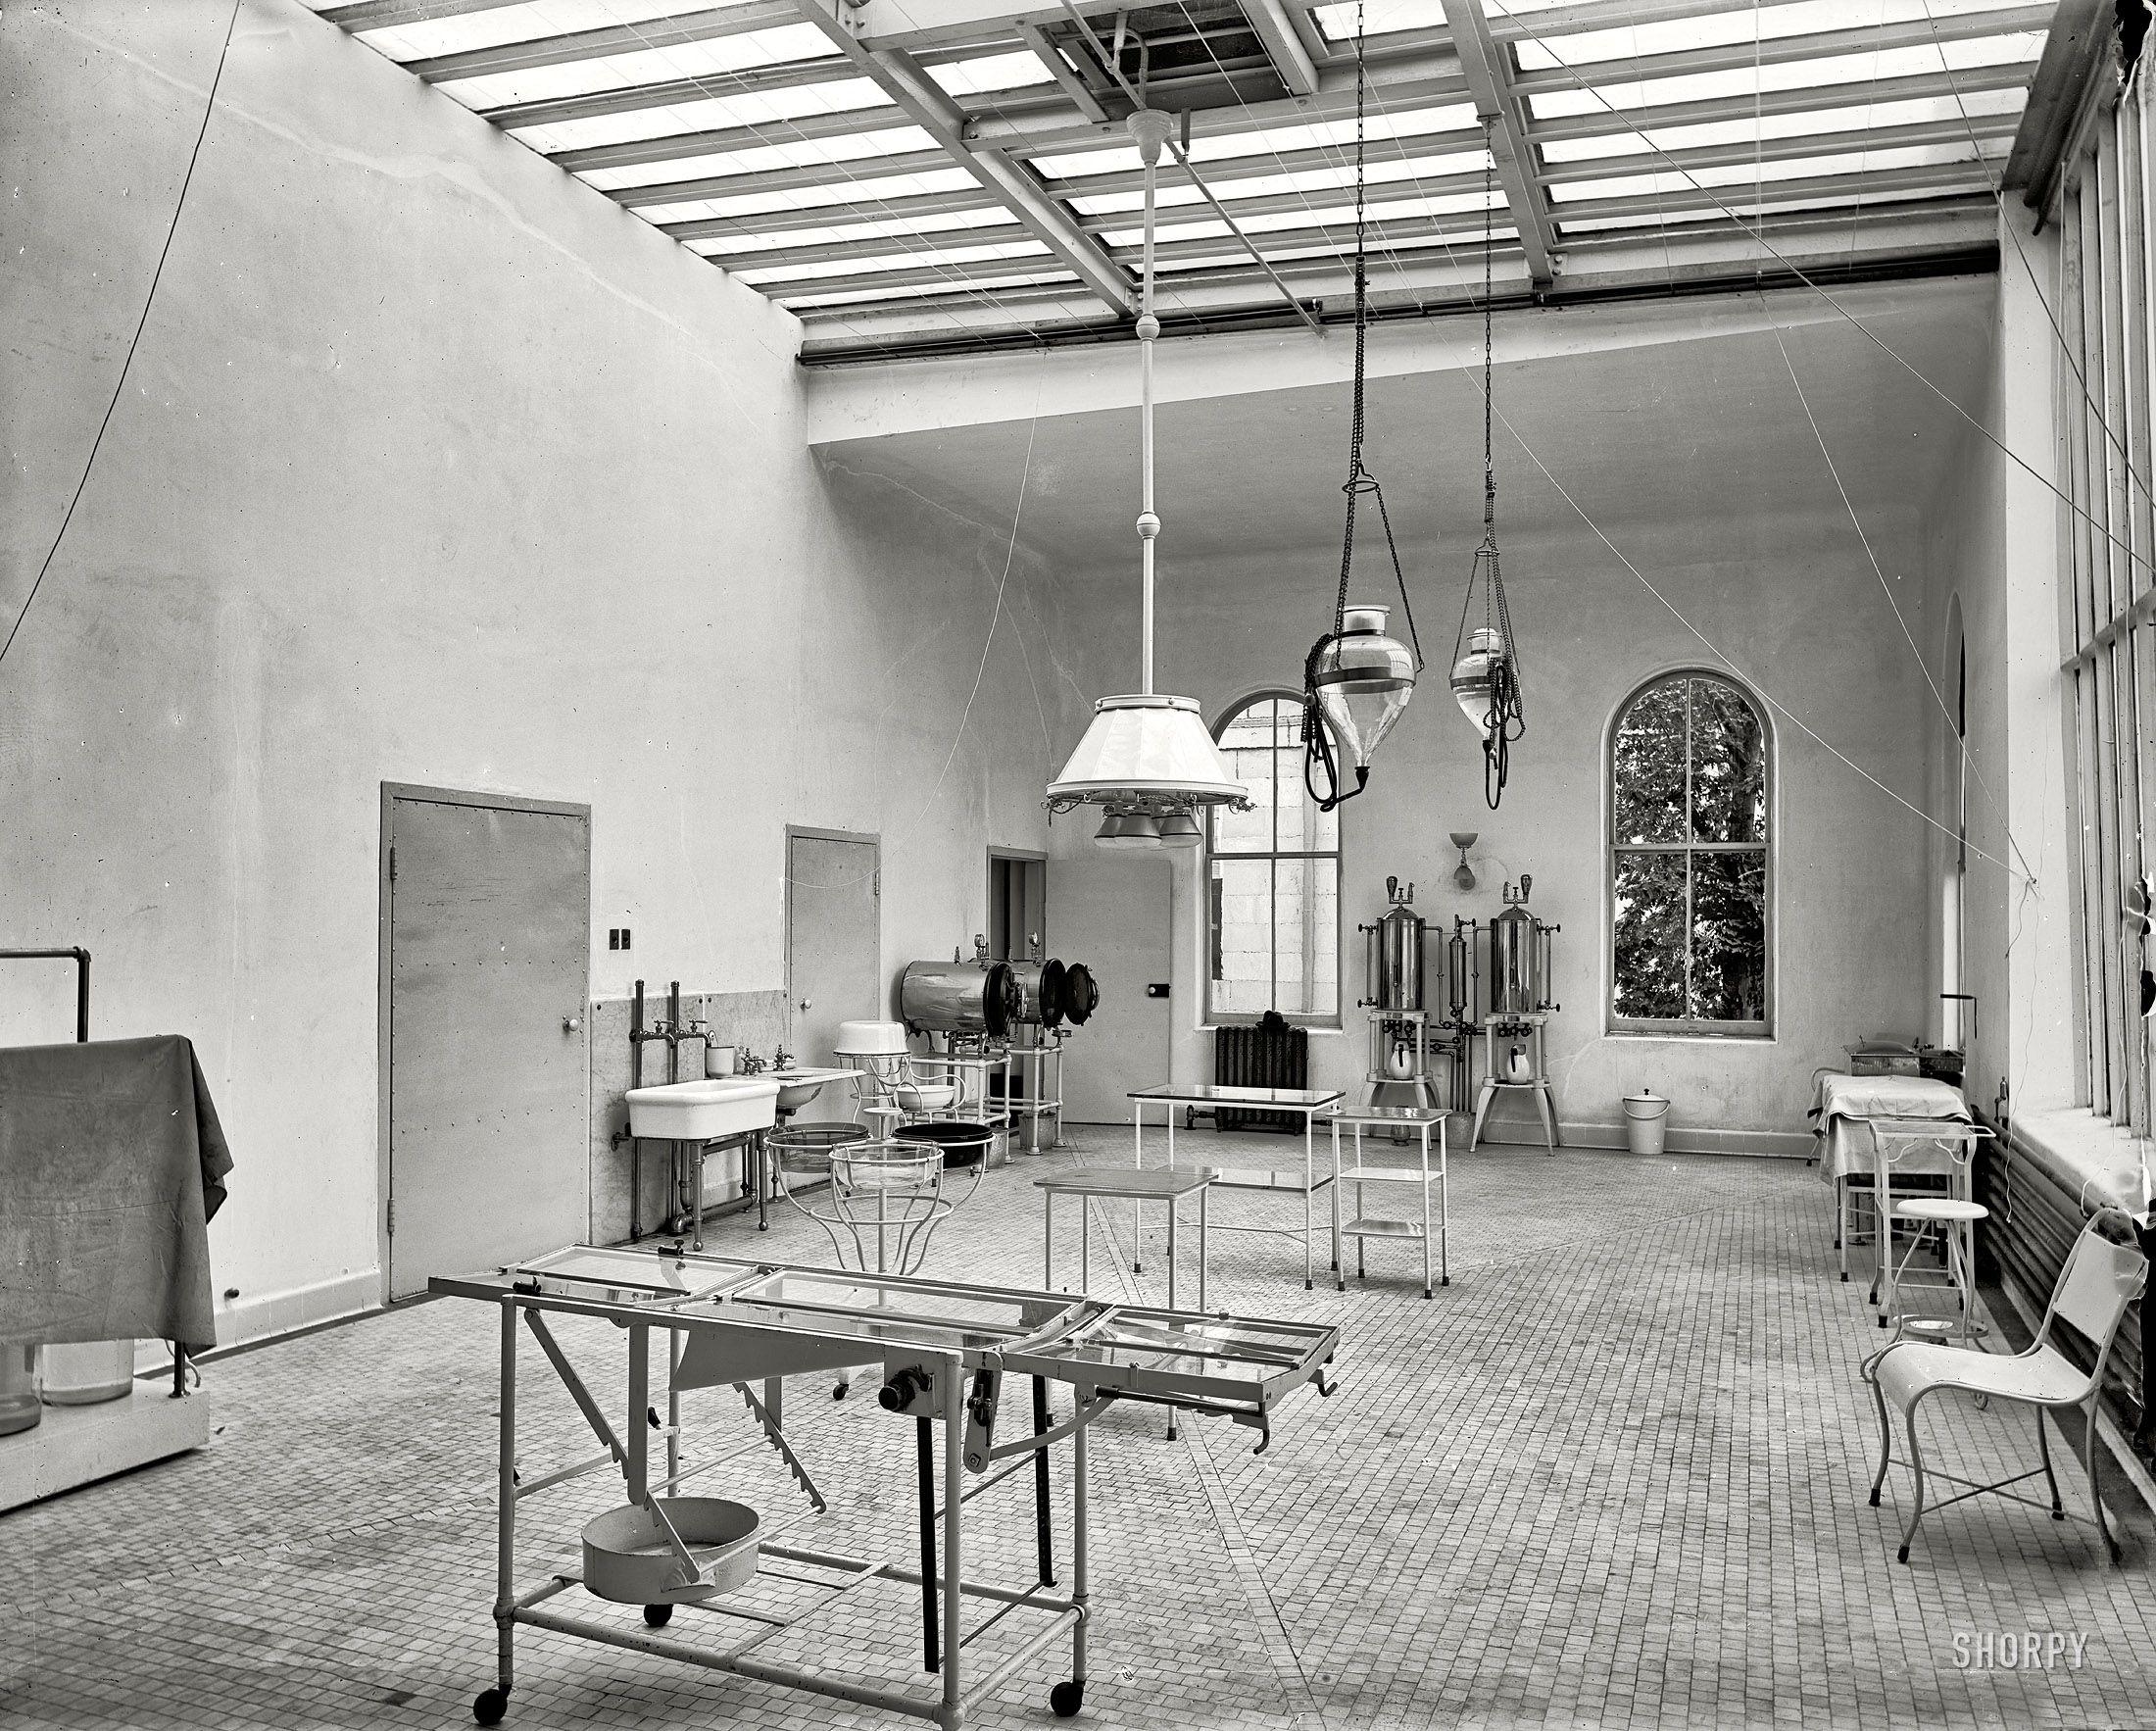 Brooklyn Navy Yard Hospital Operating Room 1900